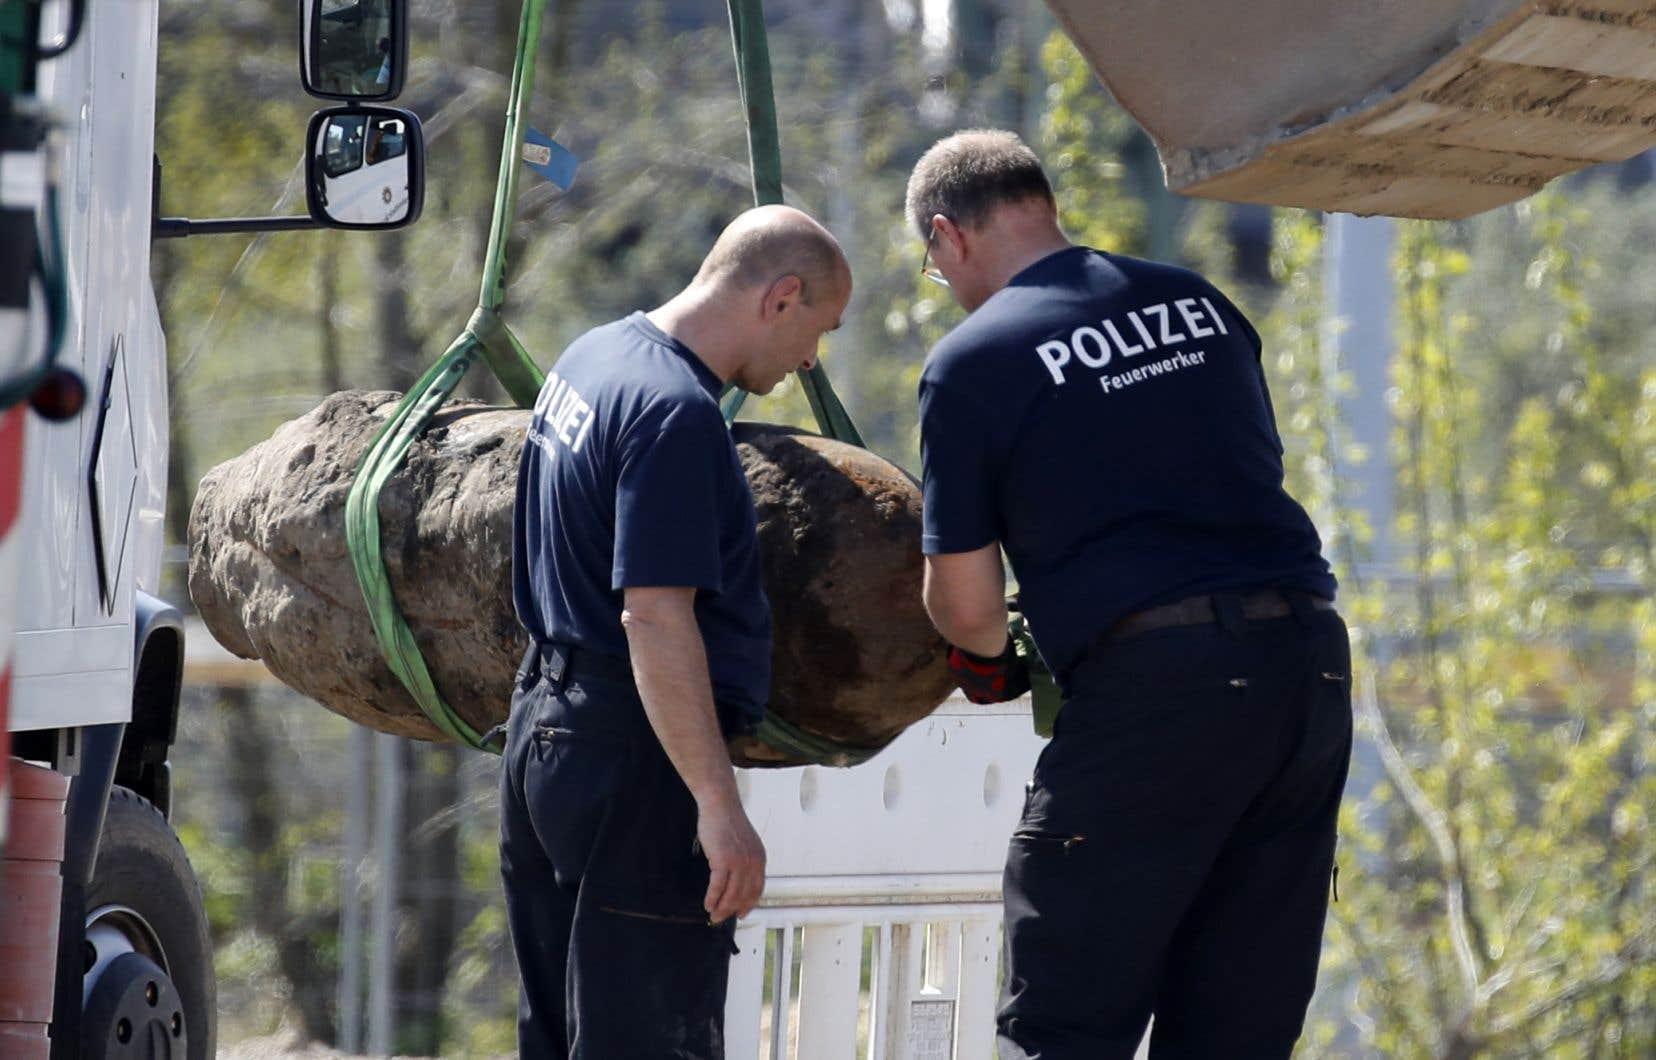 Trouvé par des ouvriers sur un chantier au coeur de la capitale allemande, l'engin était jugé «sûr» par la police. Les démineurs n'ont eu qu'à faire exploser le détonateur et pas la bombe elle-même.